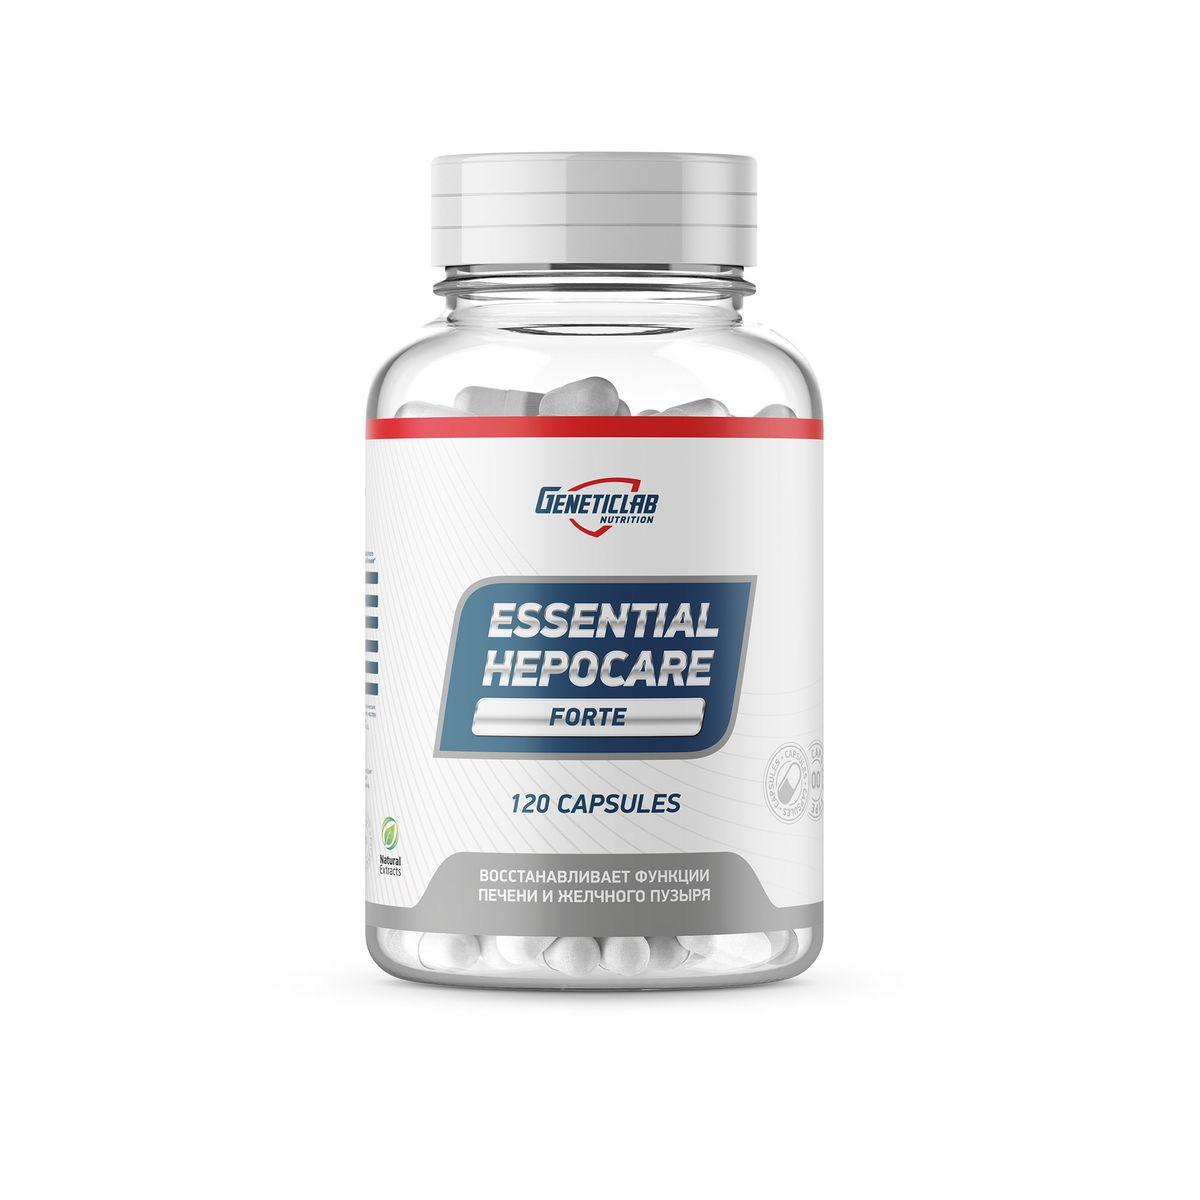 Витаминно-минеральные комплексы Geneticlab Nutrition Essential Hepocare, 120 капсул